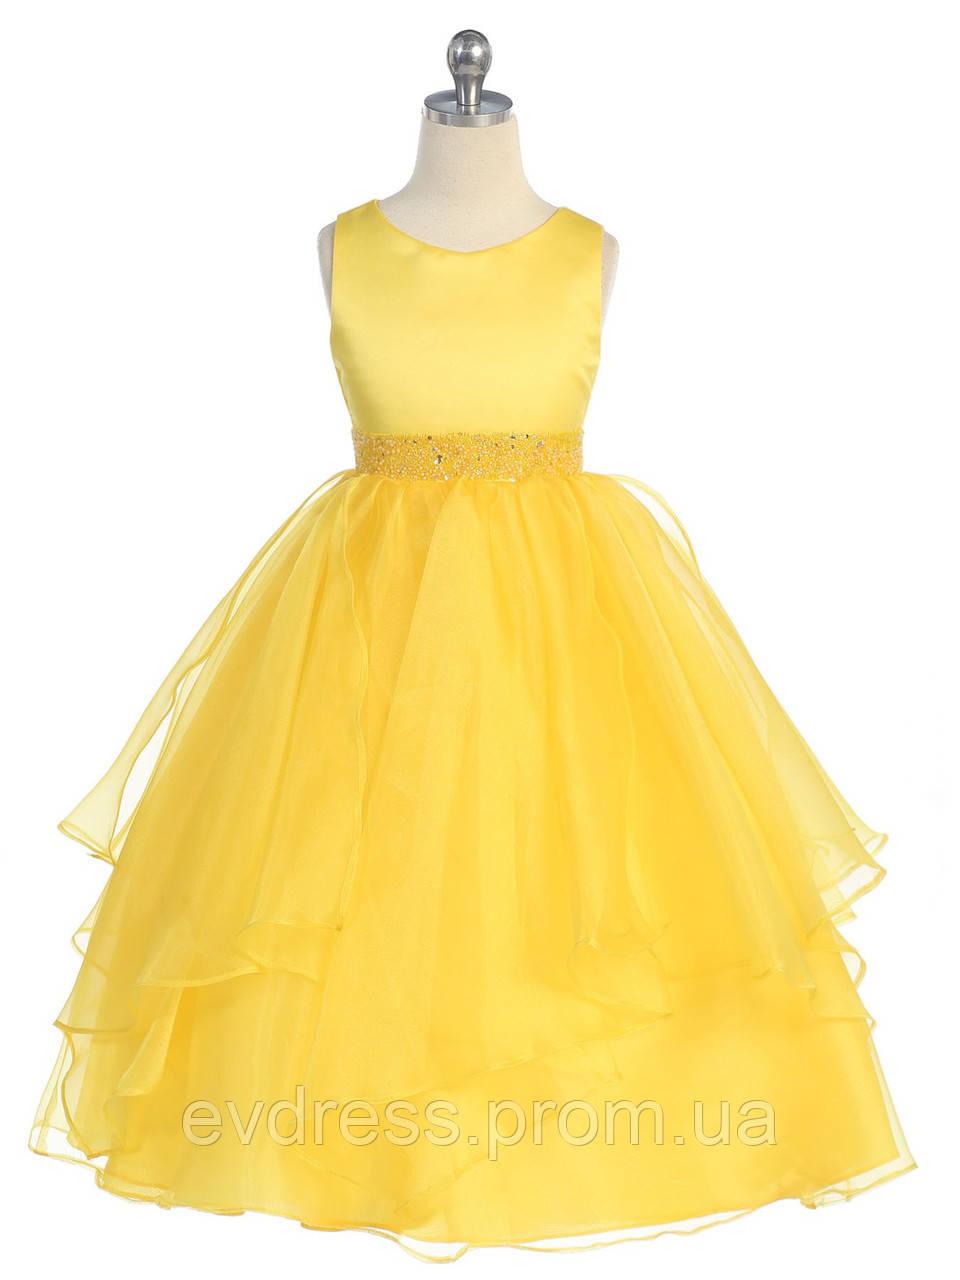 def388feb94 Д-101301 Желтое детское вечернее платье на выпускной